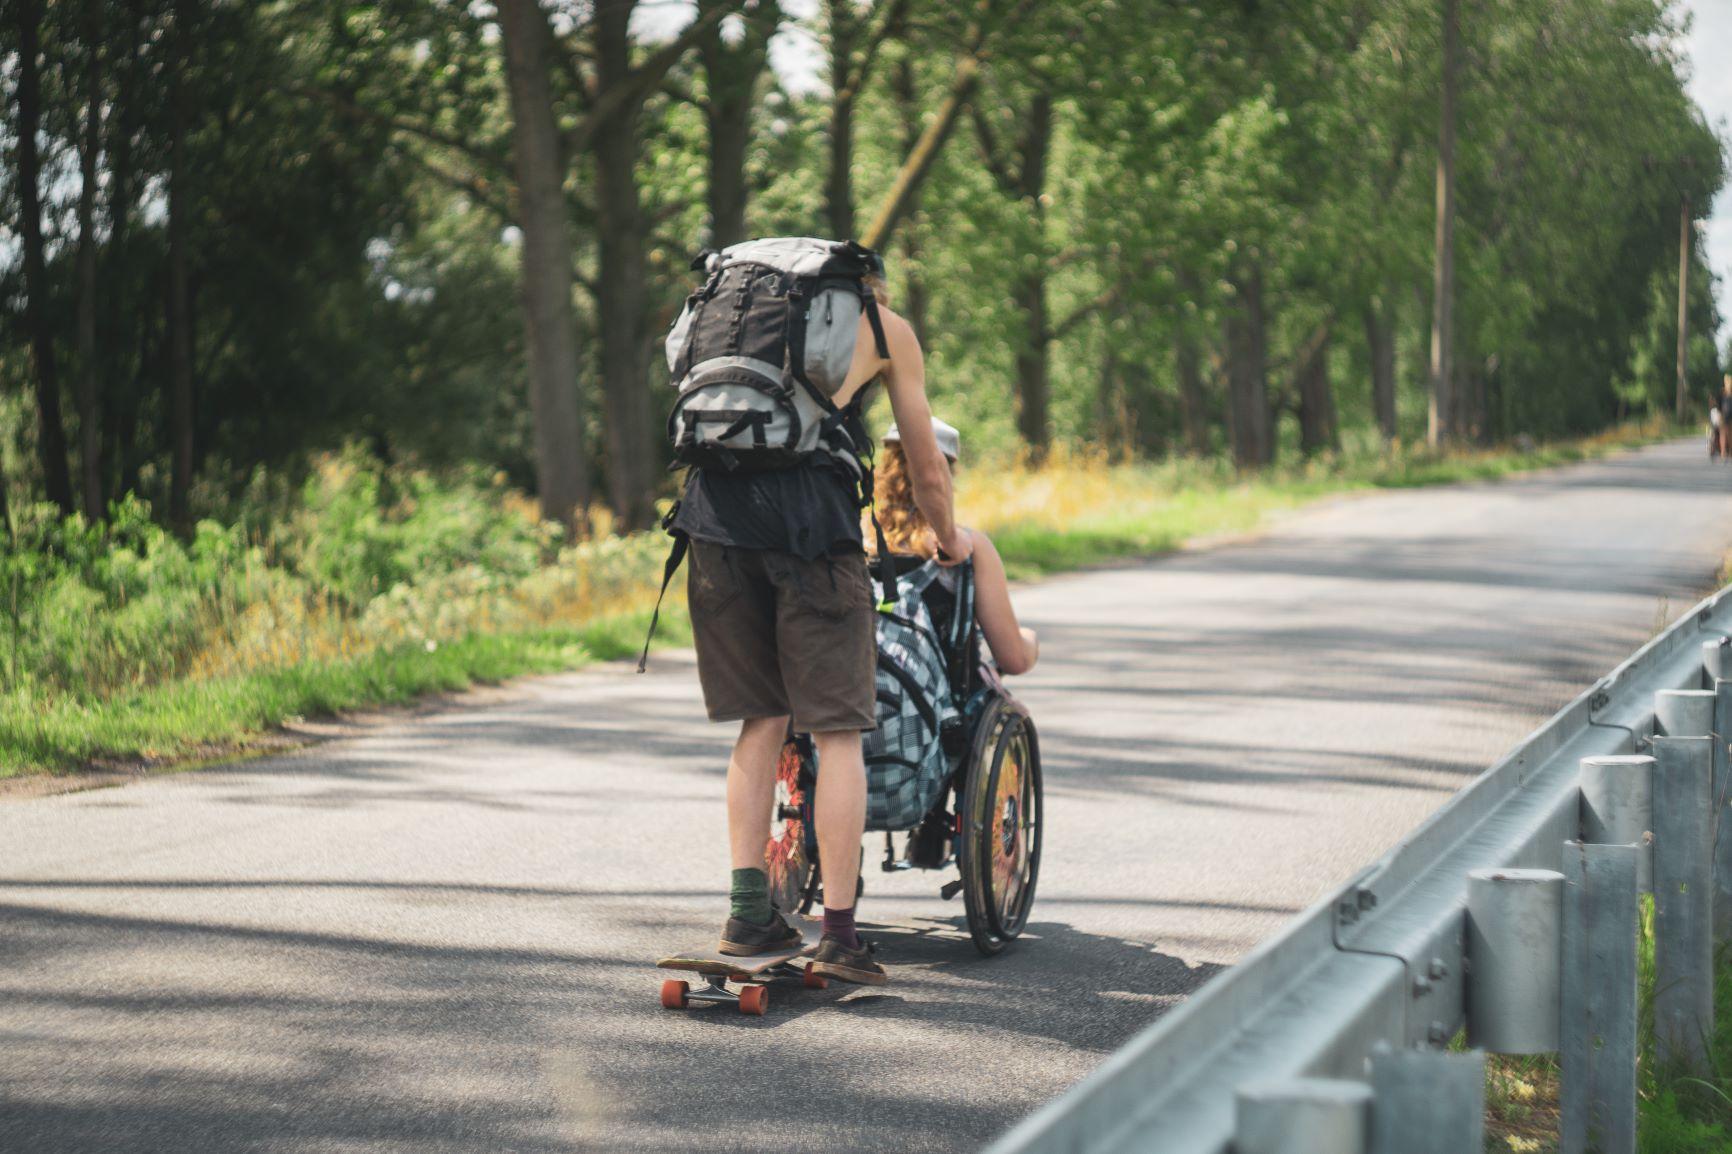 Sociální rehabilitace jede. Naživo i na dálku. Pojeďte s námi!